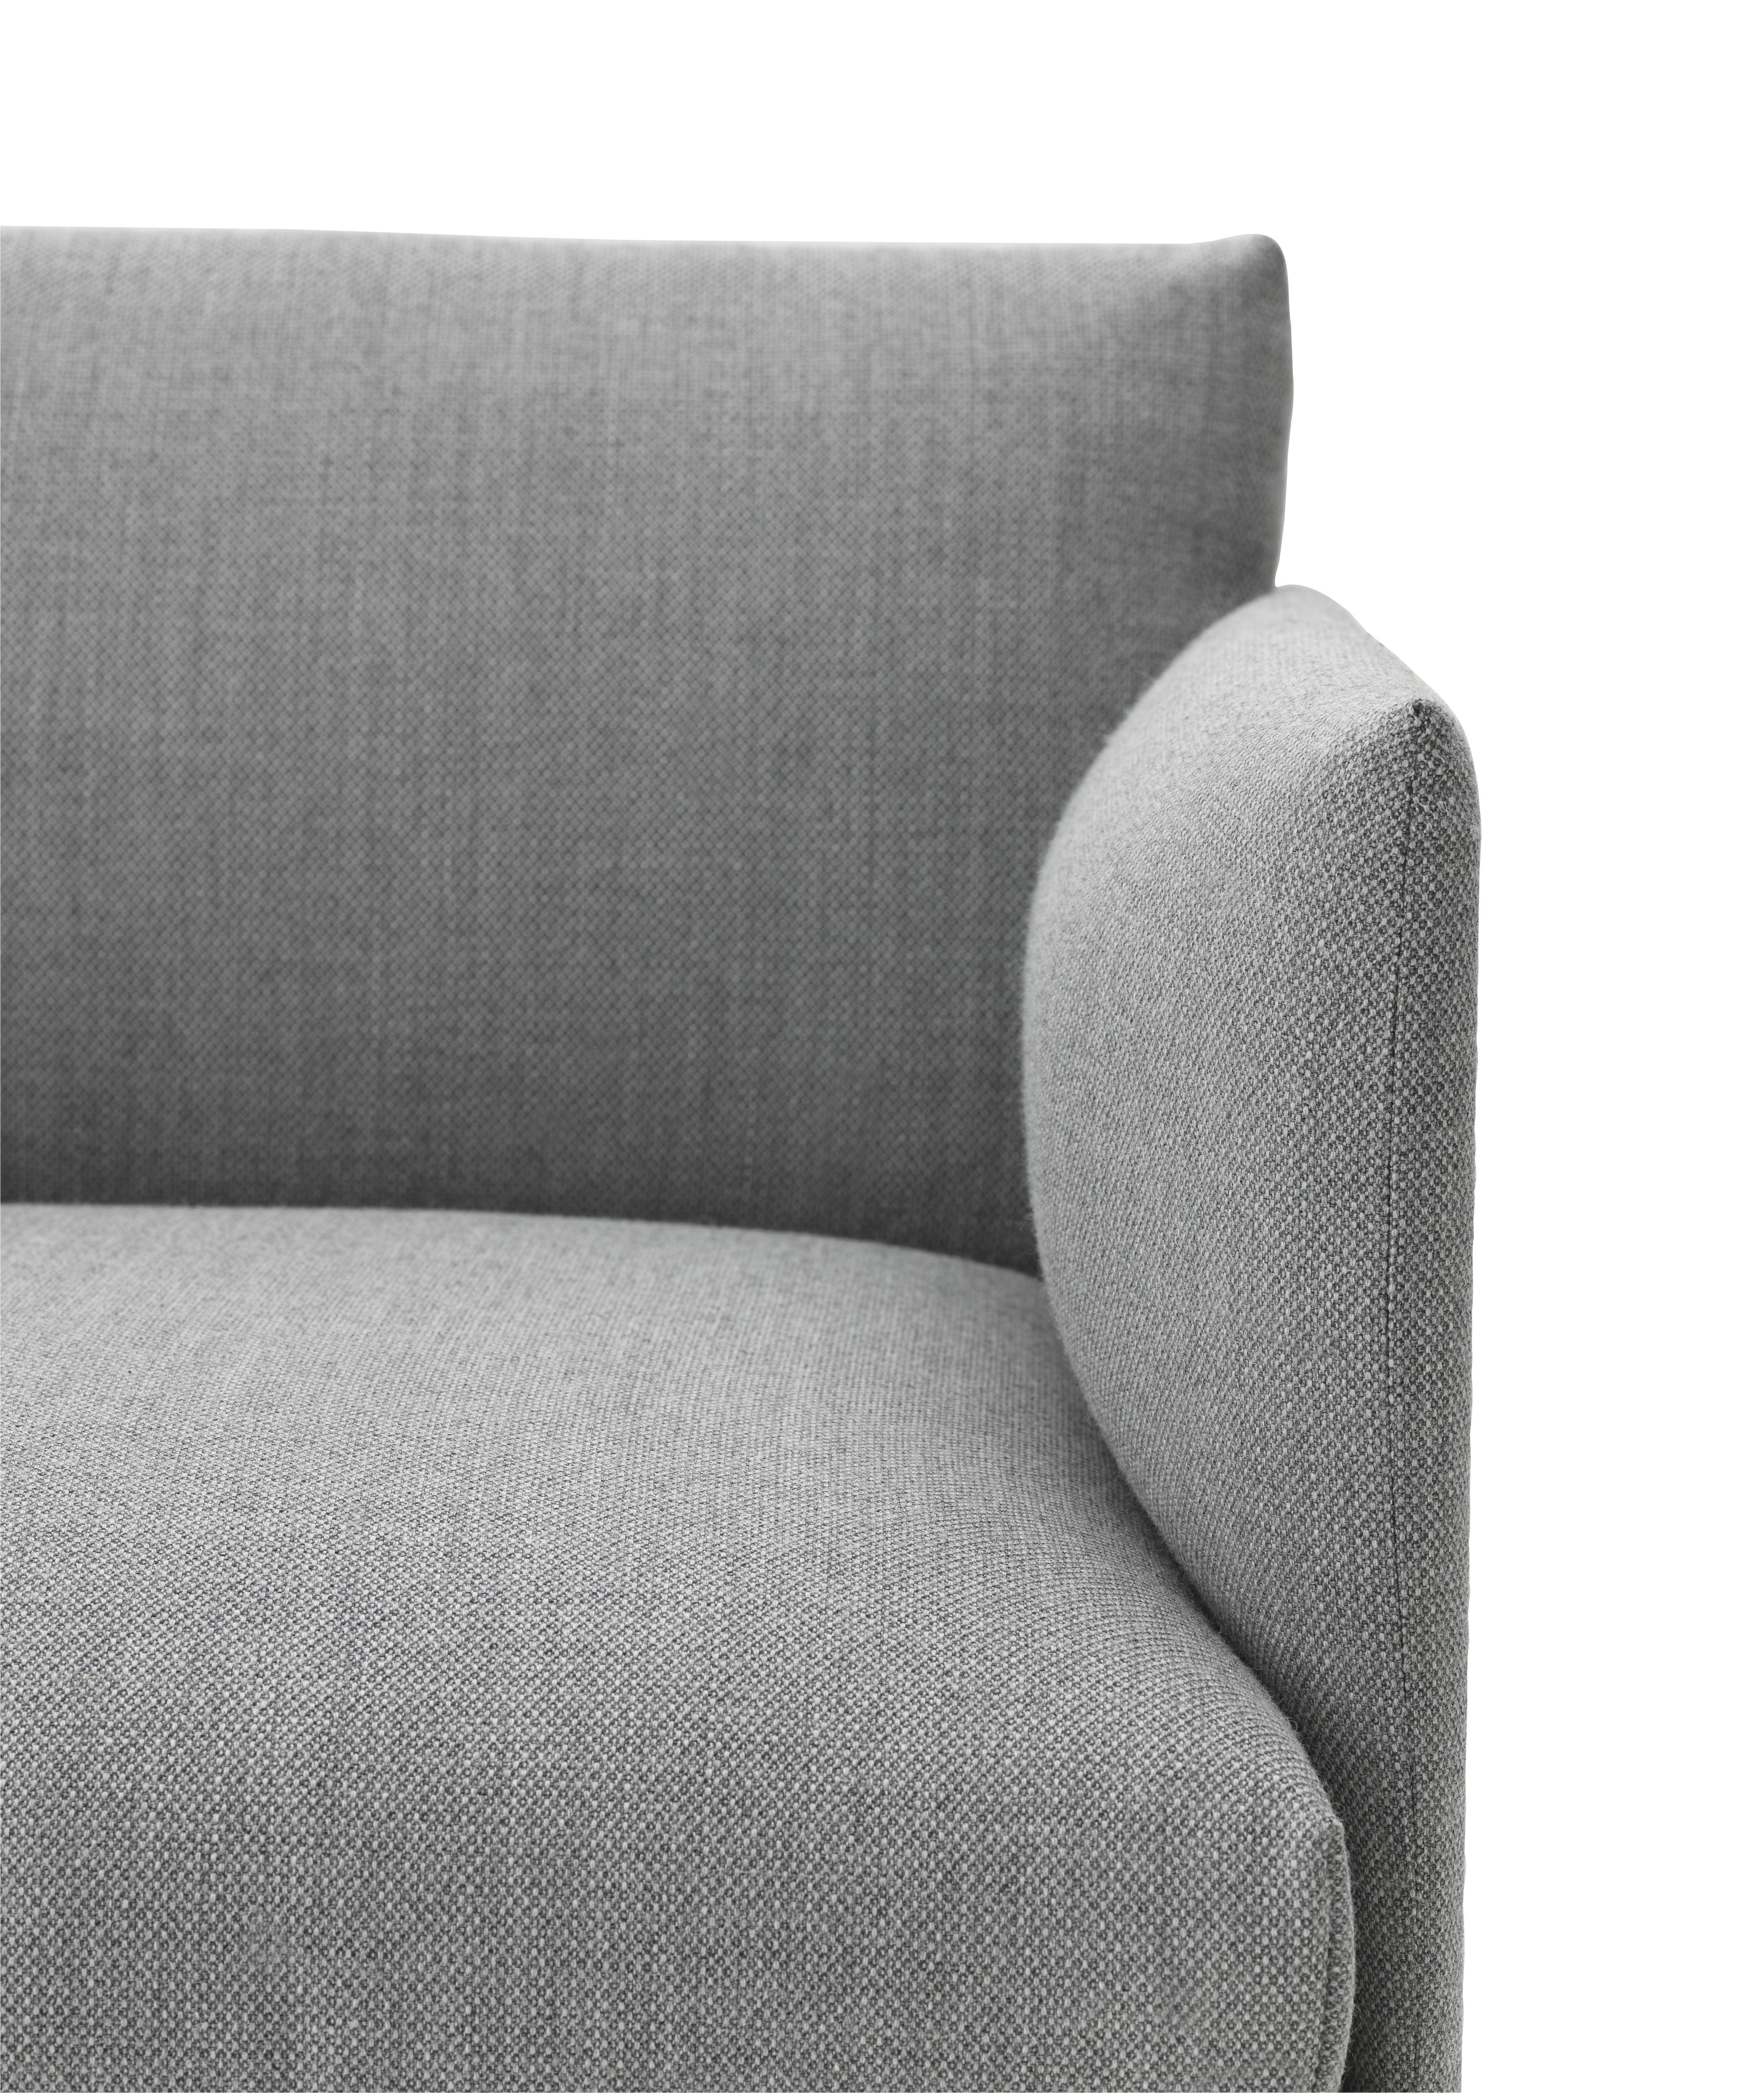 Scopri divano destro outline l 170 cm tessuto grigio gambe nere di muuto made in design - Divano 170 cm ...